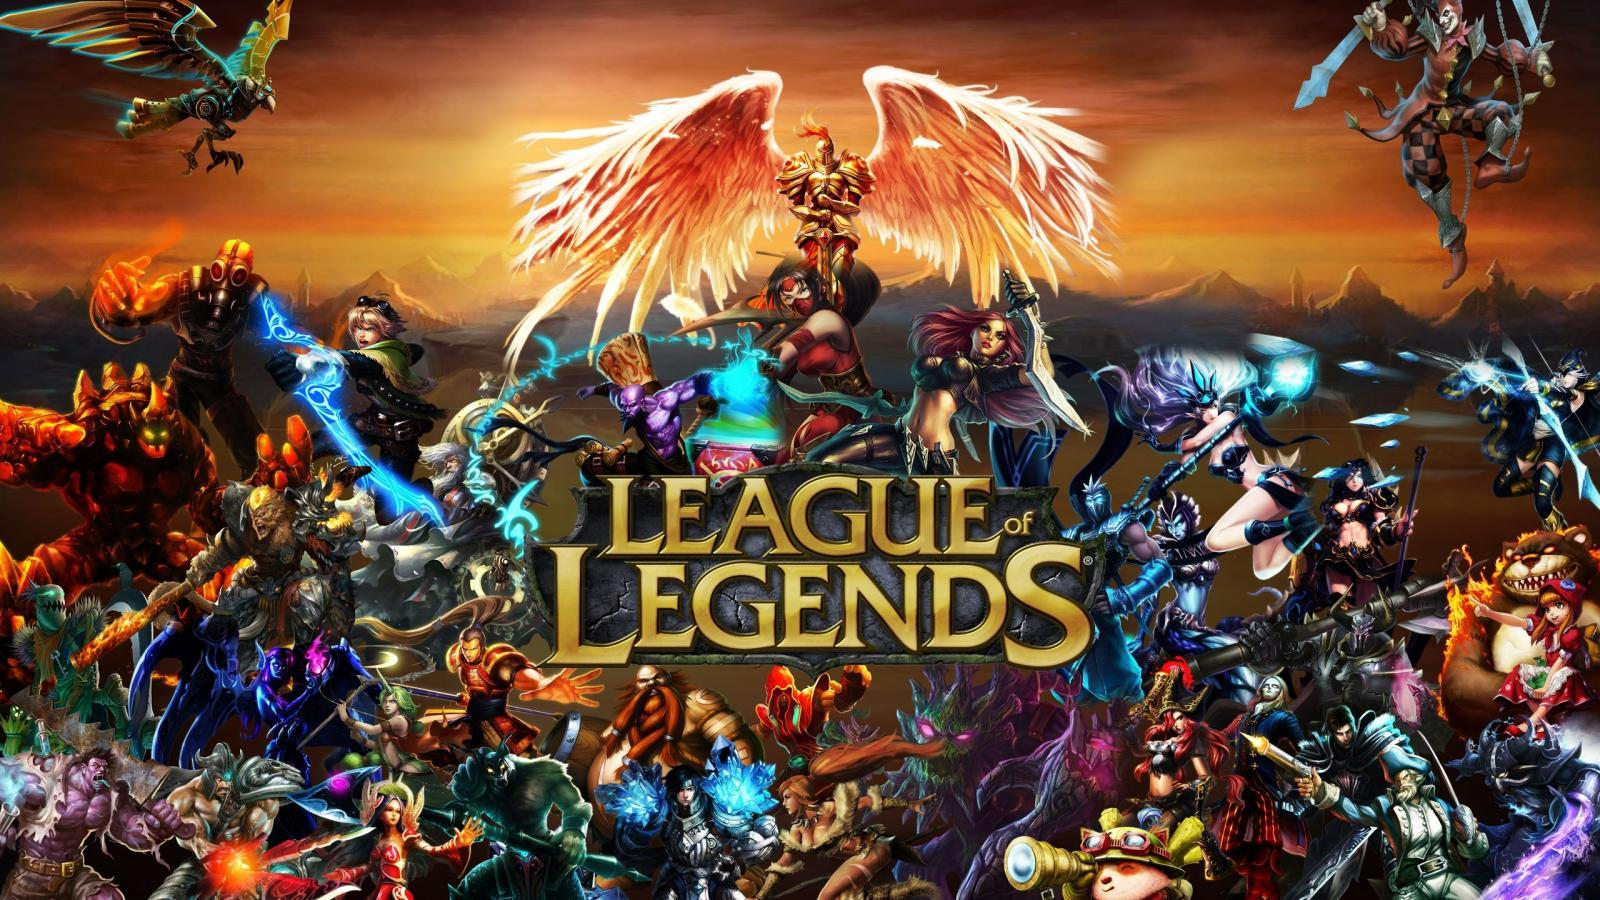 League of Legends 2